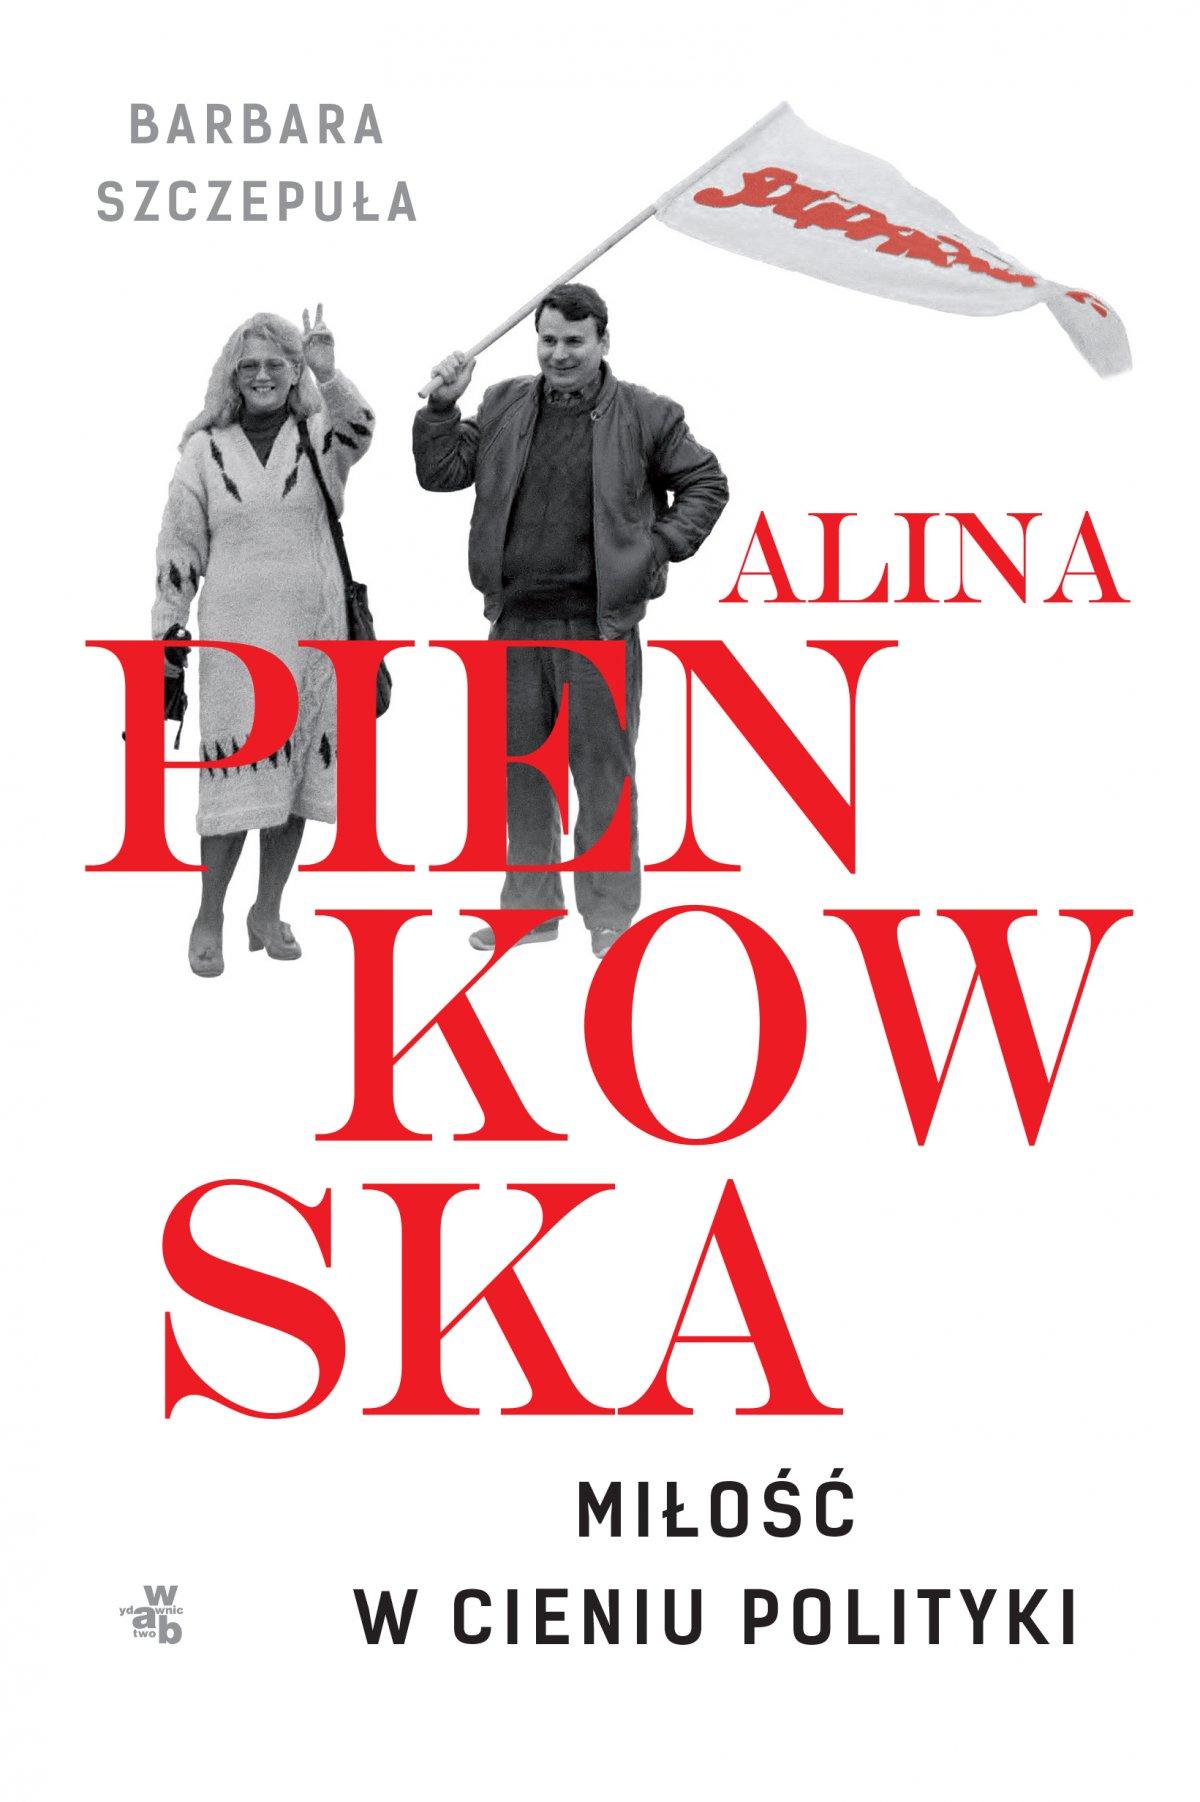 Alina. Miłość w cieniu polityki - Ebook (Książka EPUB) do pobrania w formacie EPUB